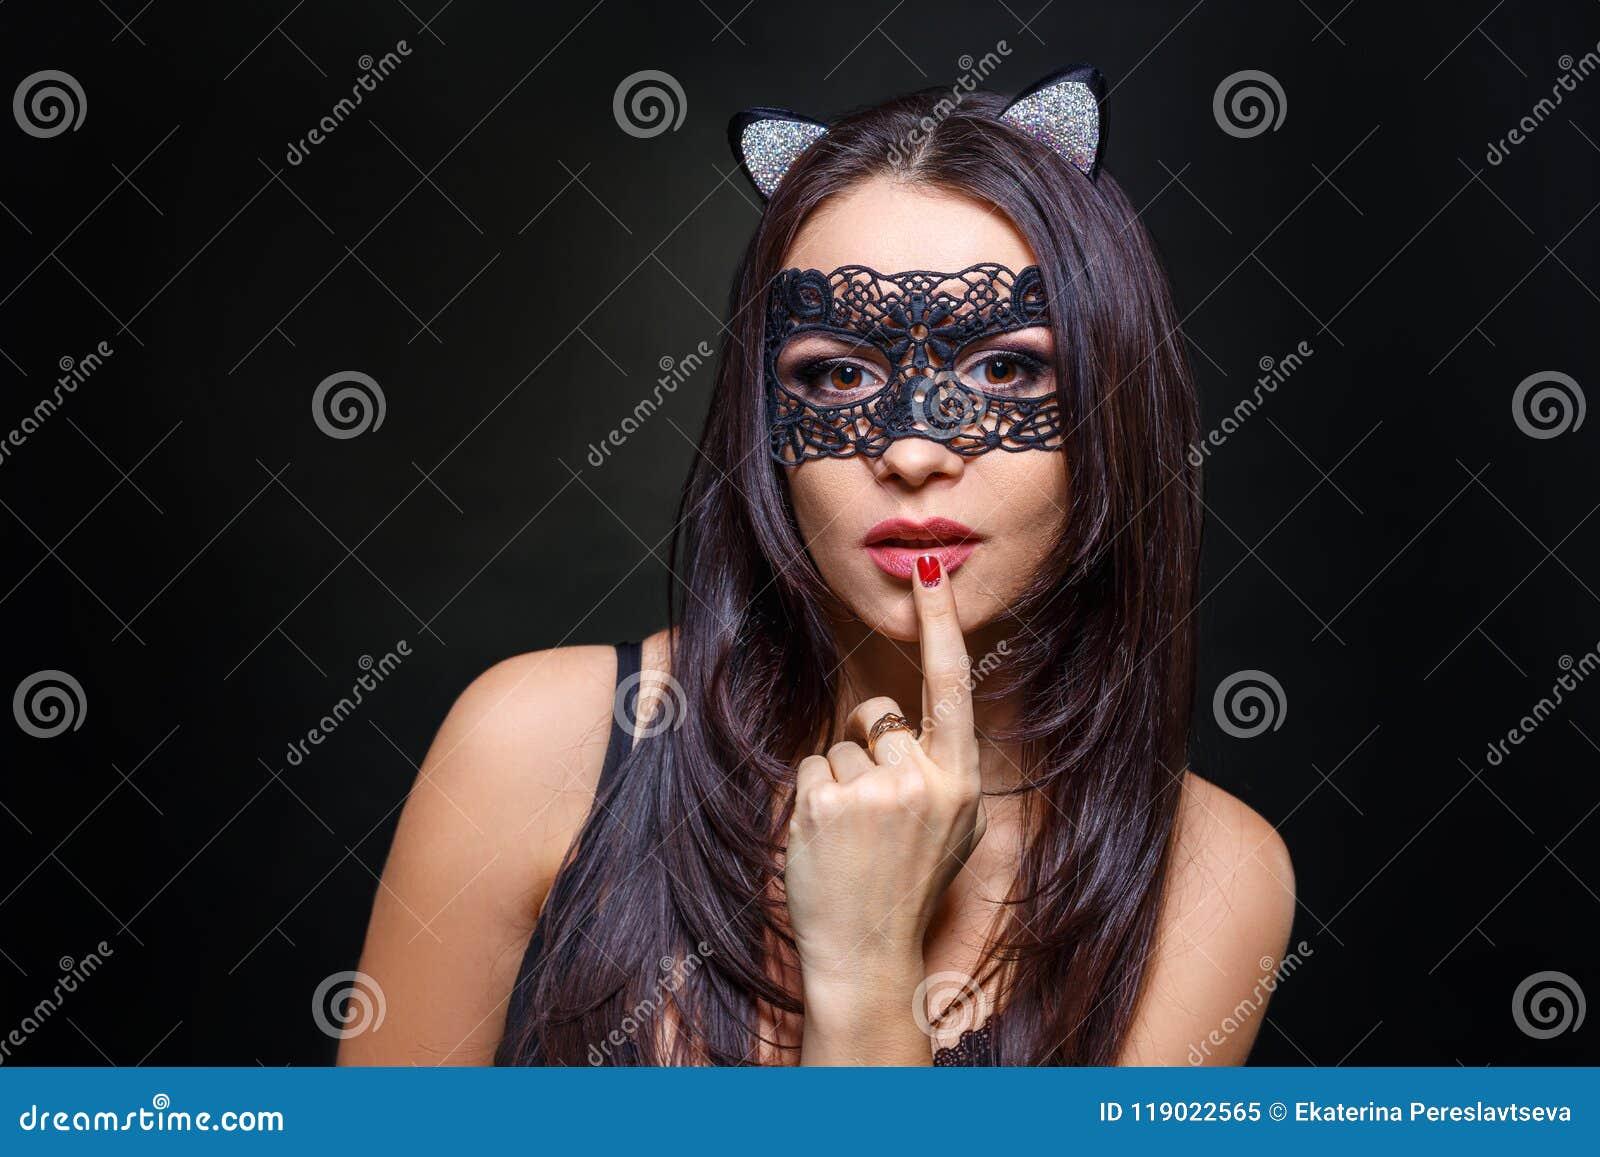 Mujer atractiva en ropa interior negra y máscara en fondo negro